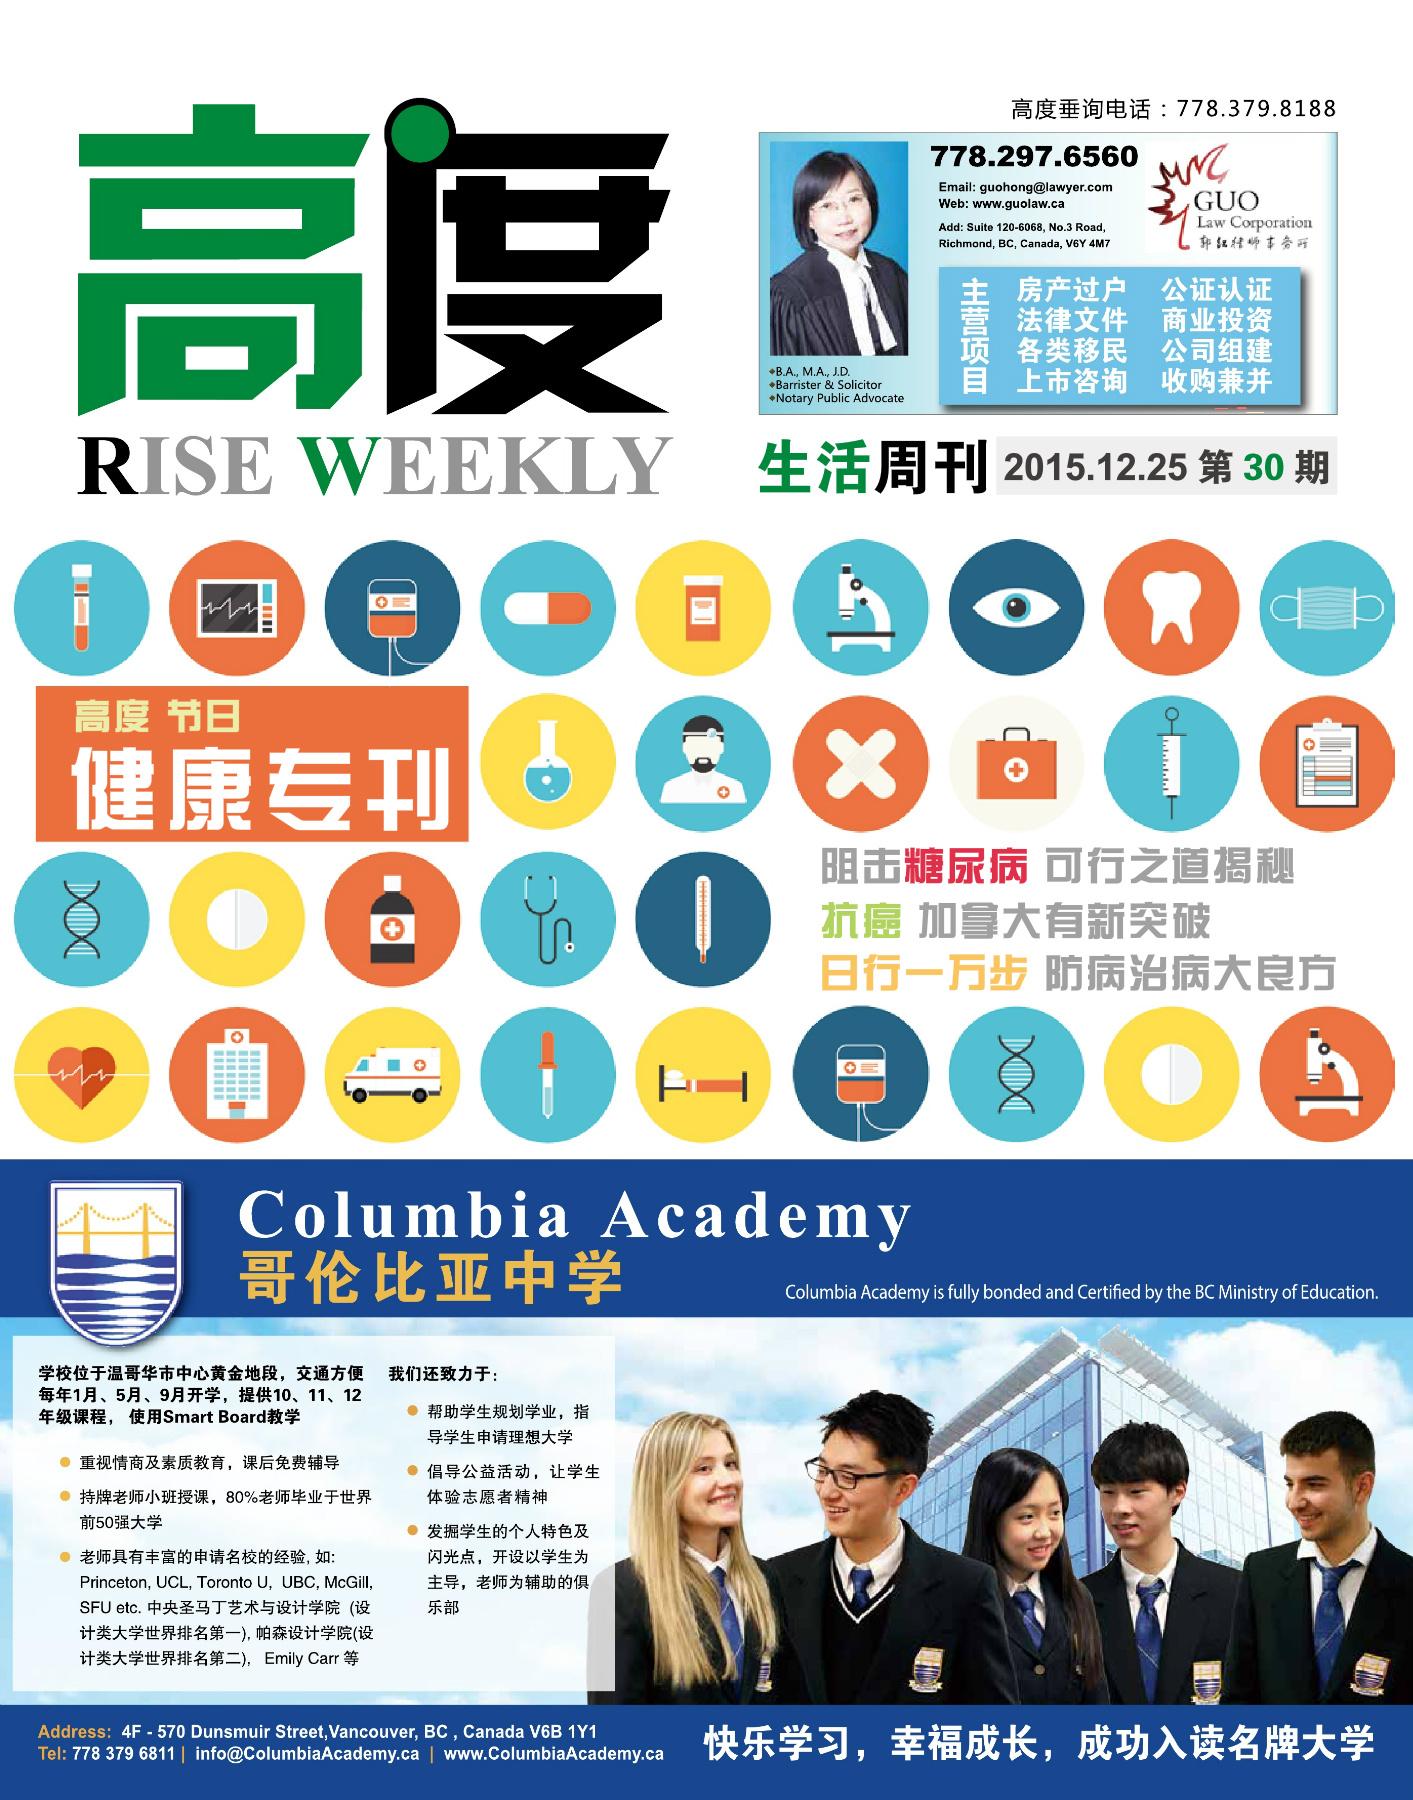 高度生活周刊 2015年12月25日 第30期